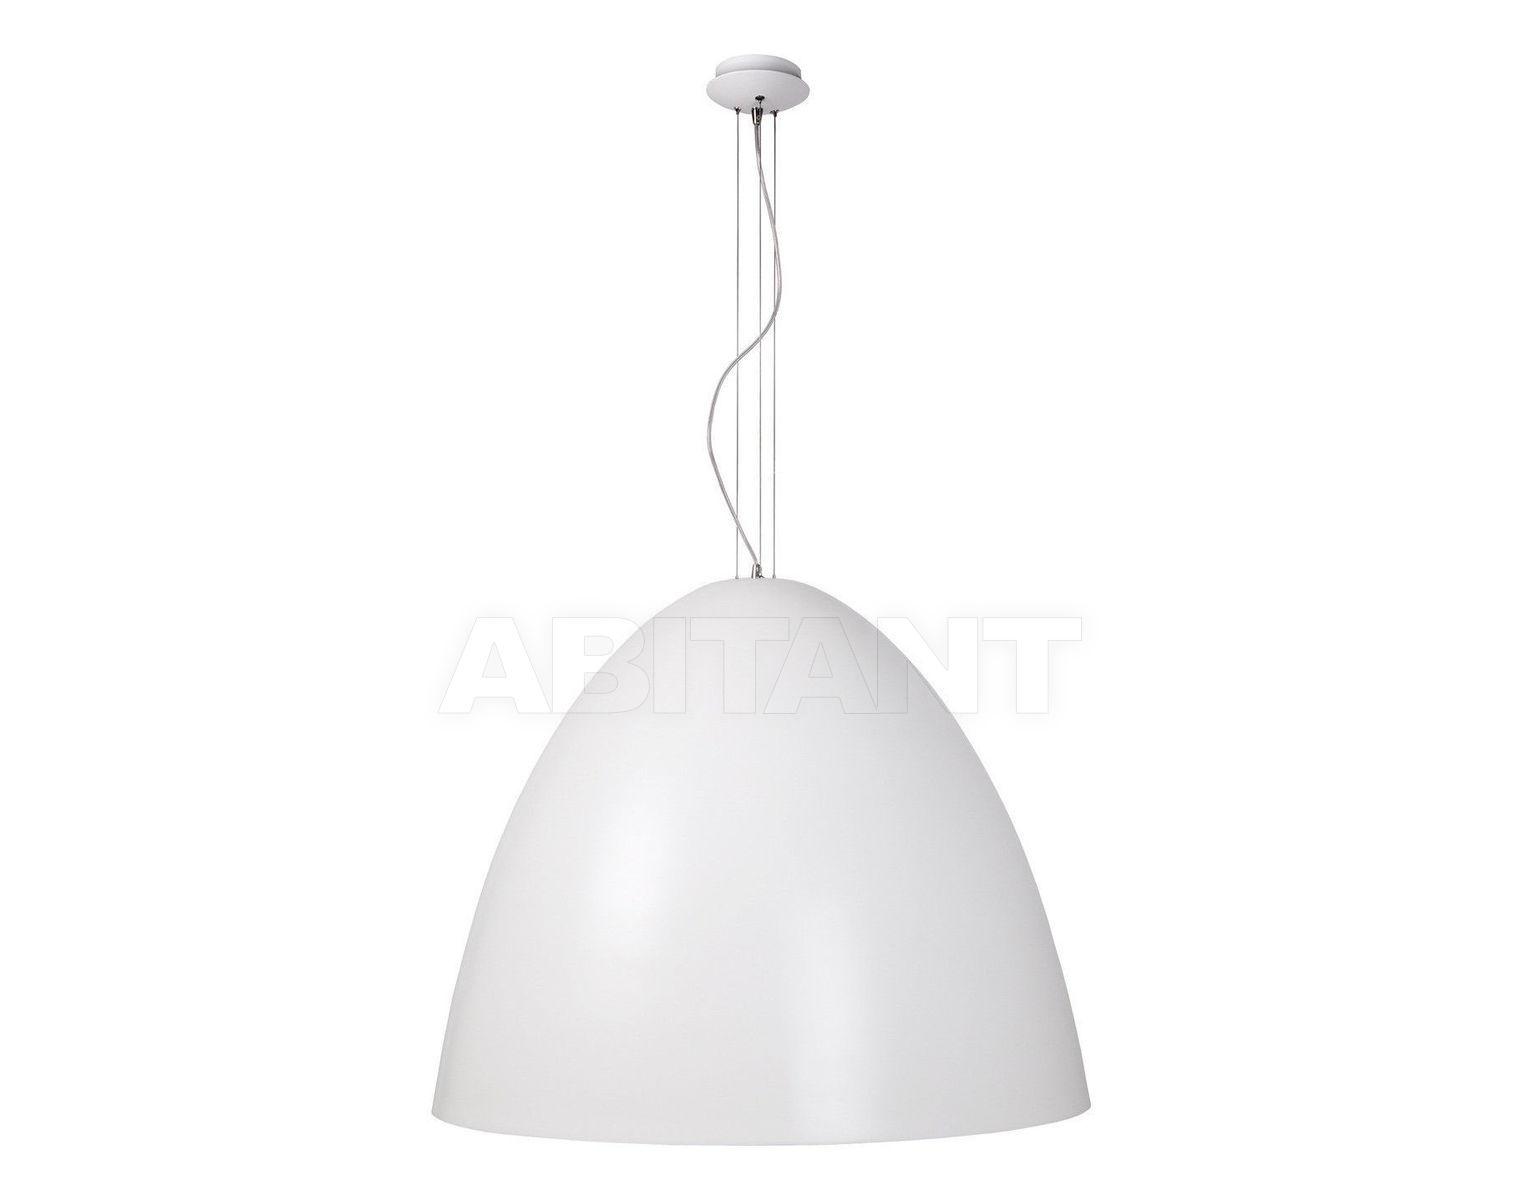 Купить Светильник Vita Lucide  Fascio 31423/90/31